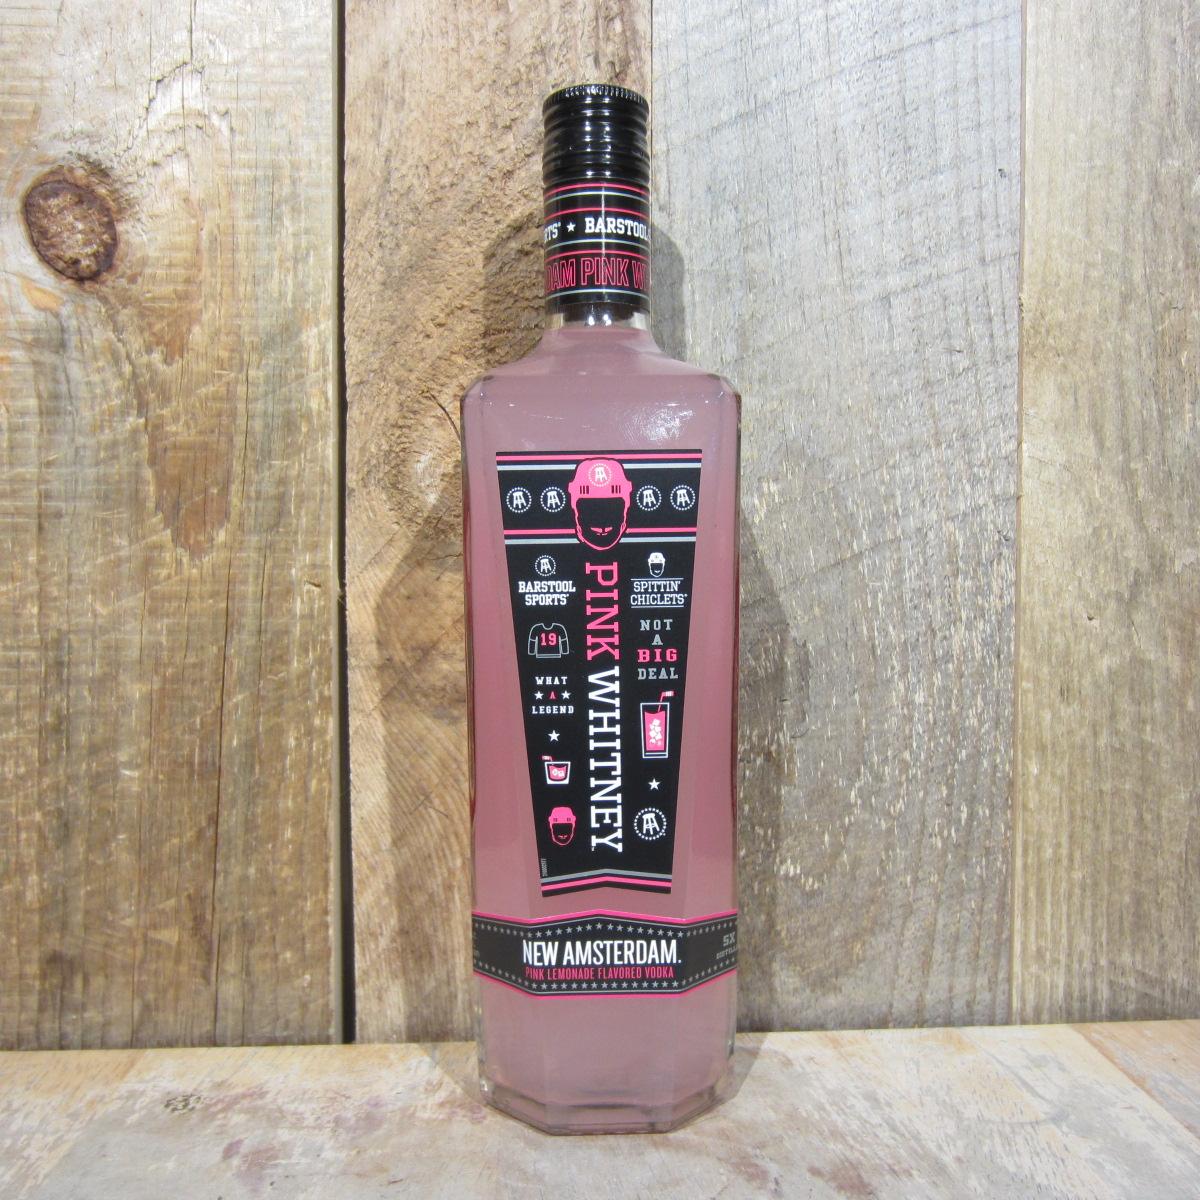 New Amsterdam Pink Whitney Vodka 750ml